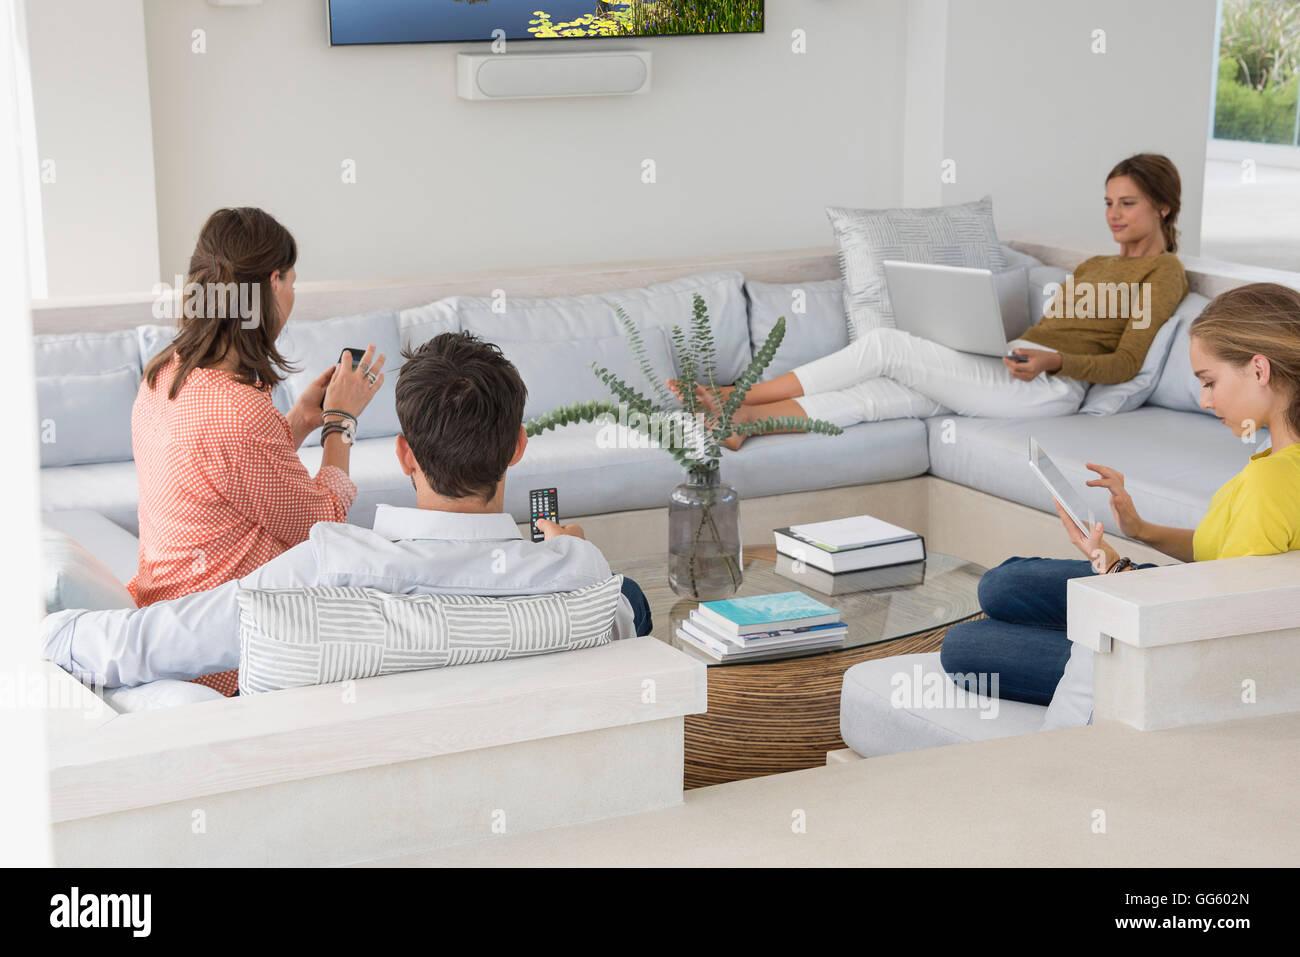 Famiglia in soggiorno occupato in attività diverse Foto & Immagine ...